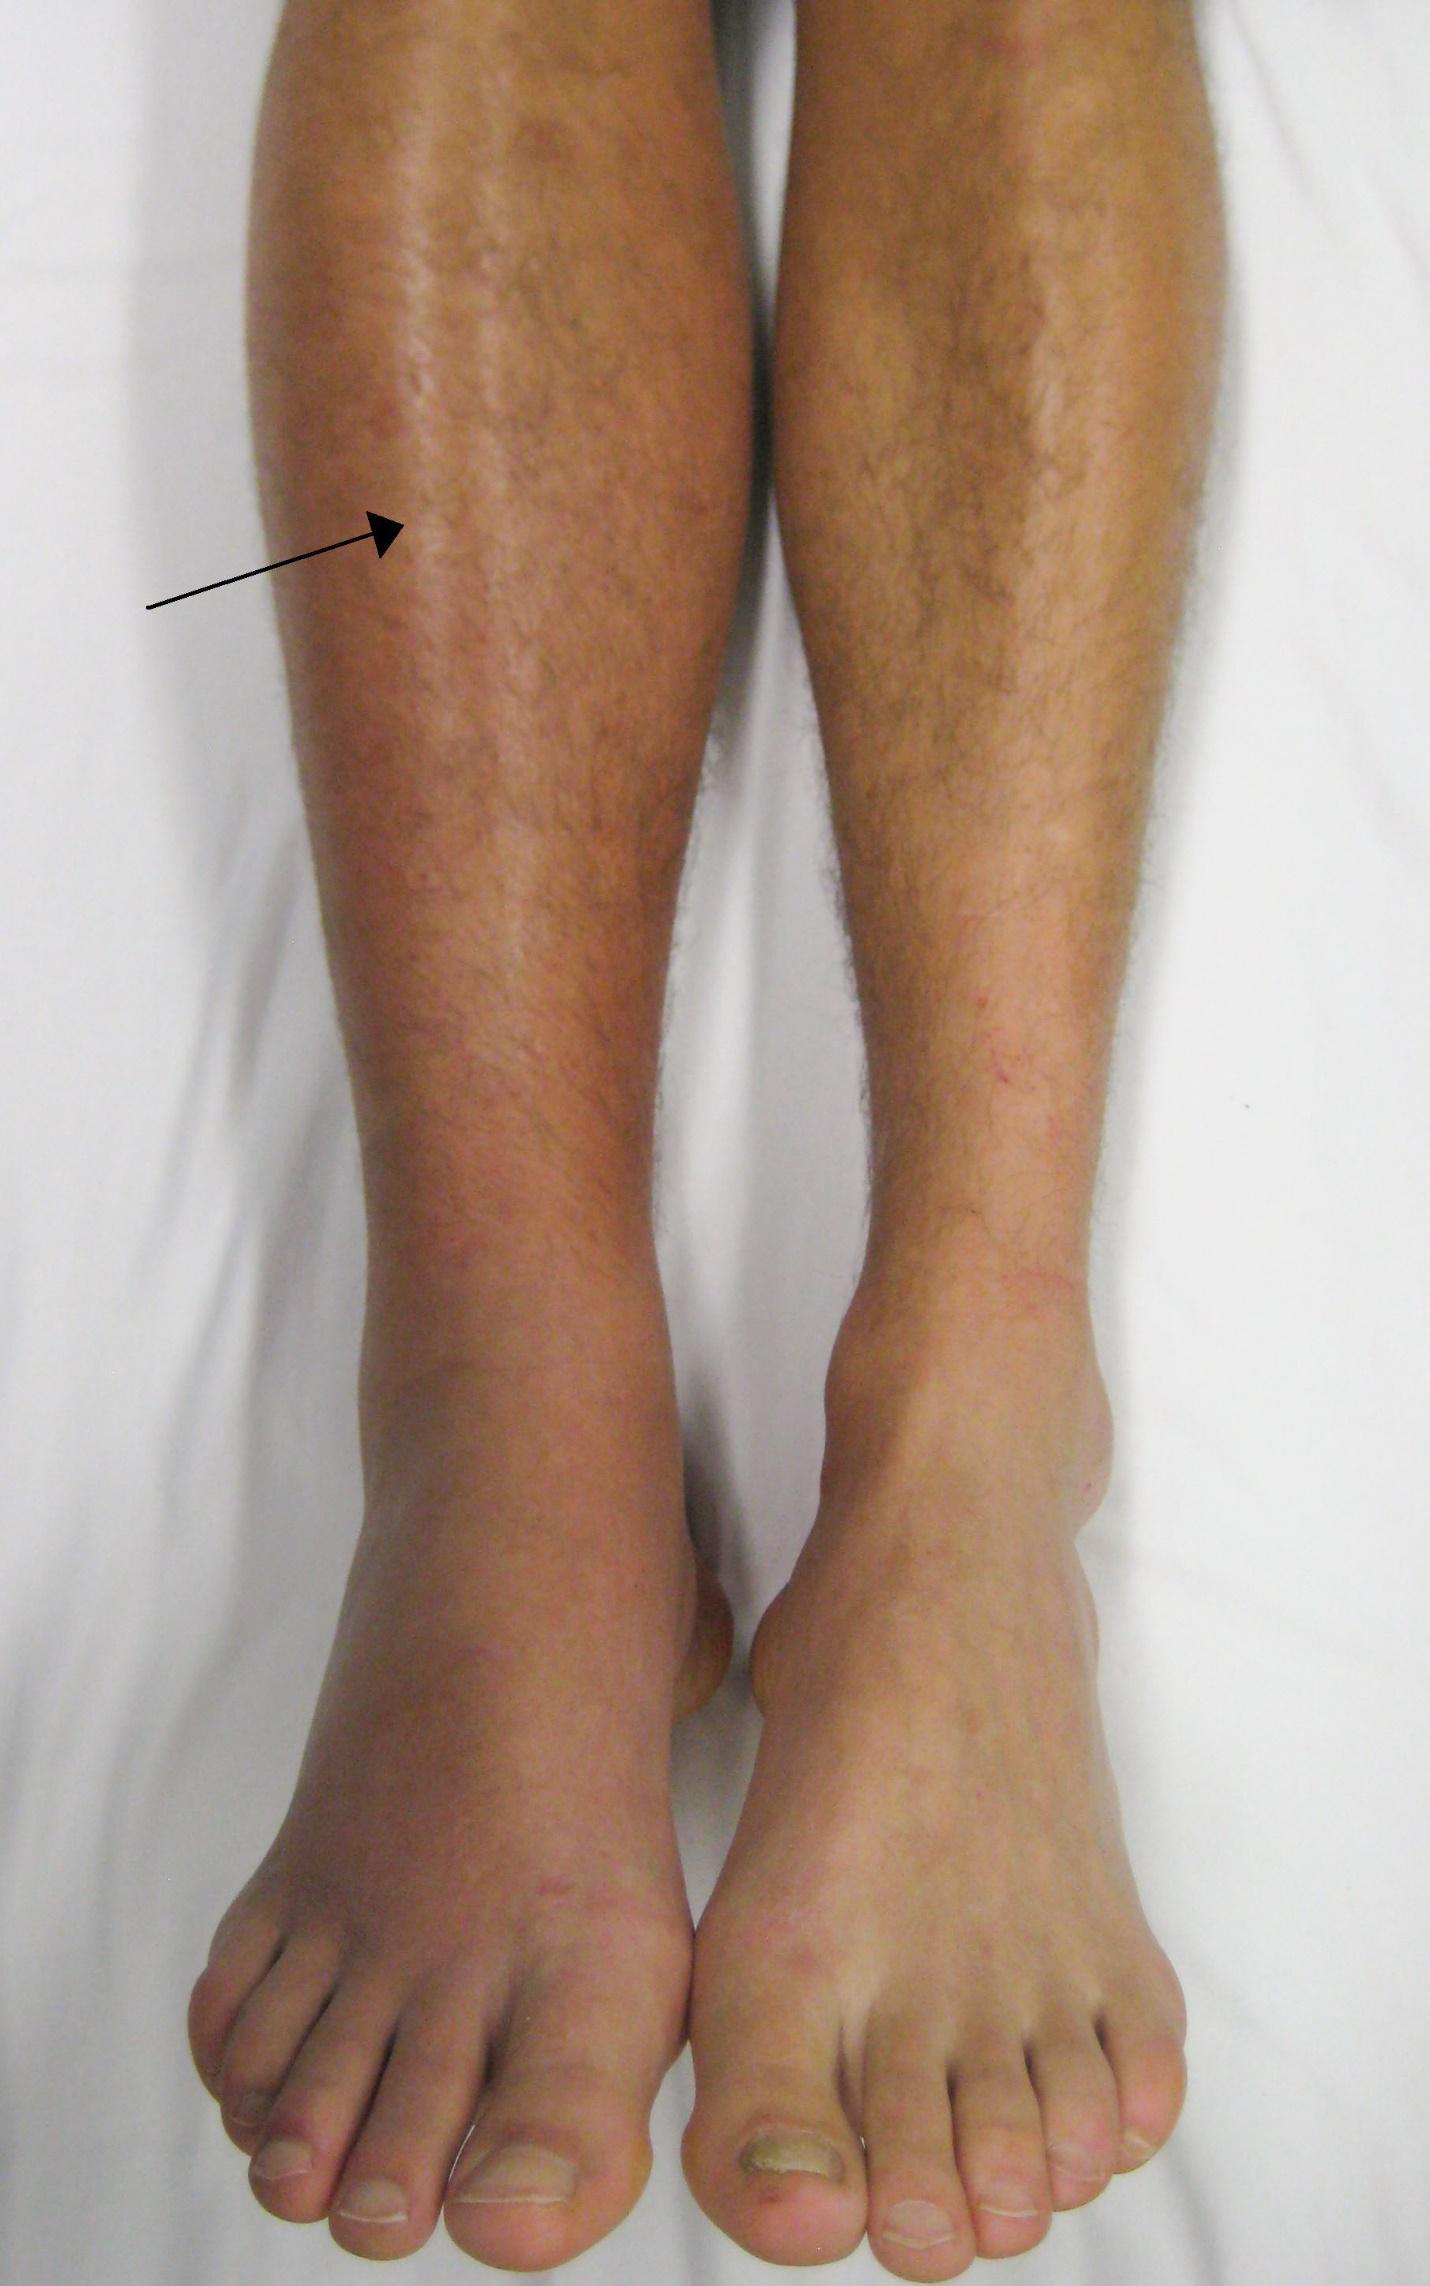 Левая нога больше правой ноги - тромбоз вен